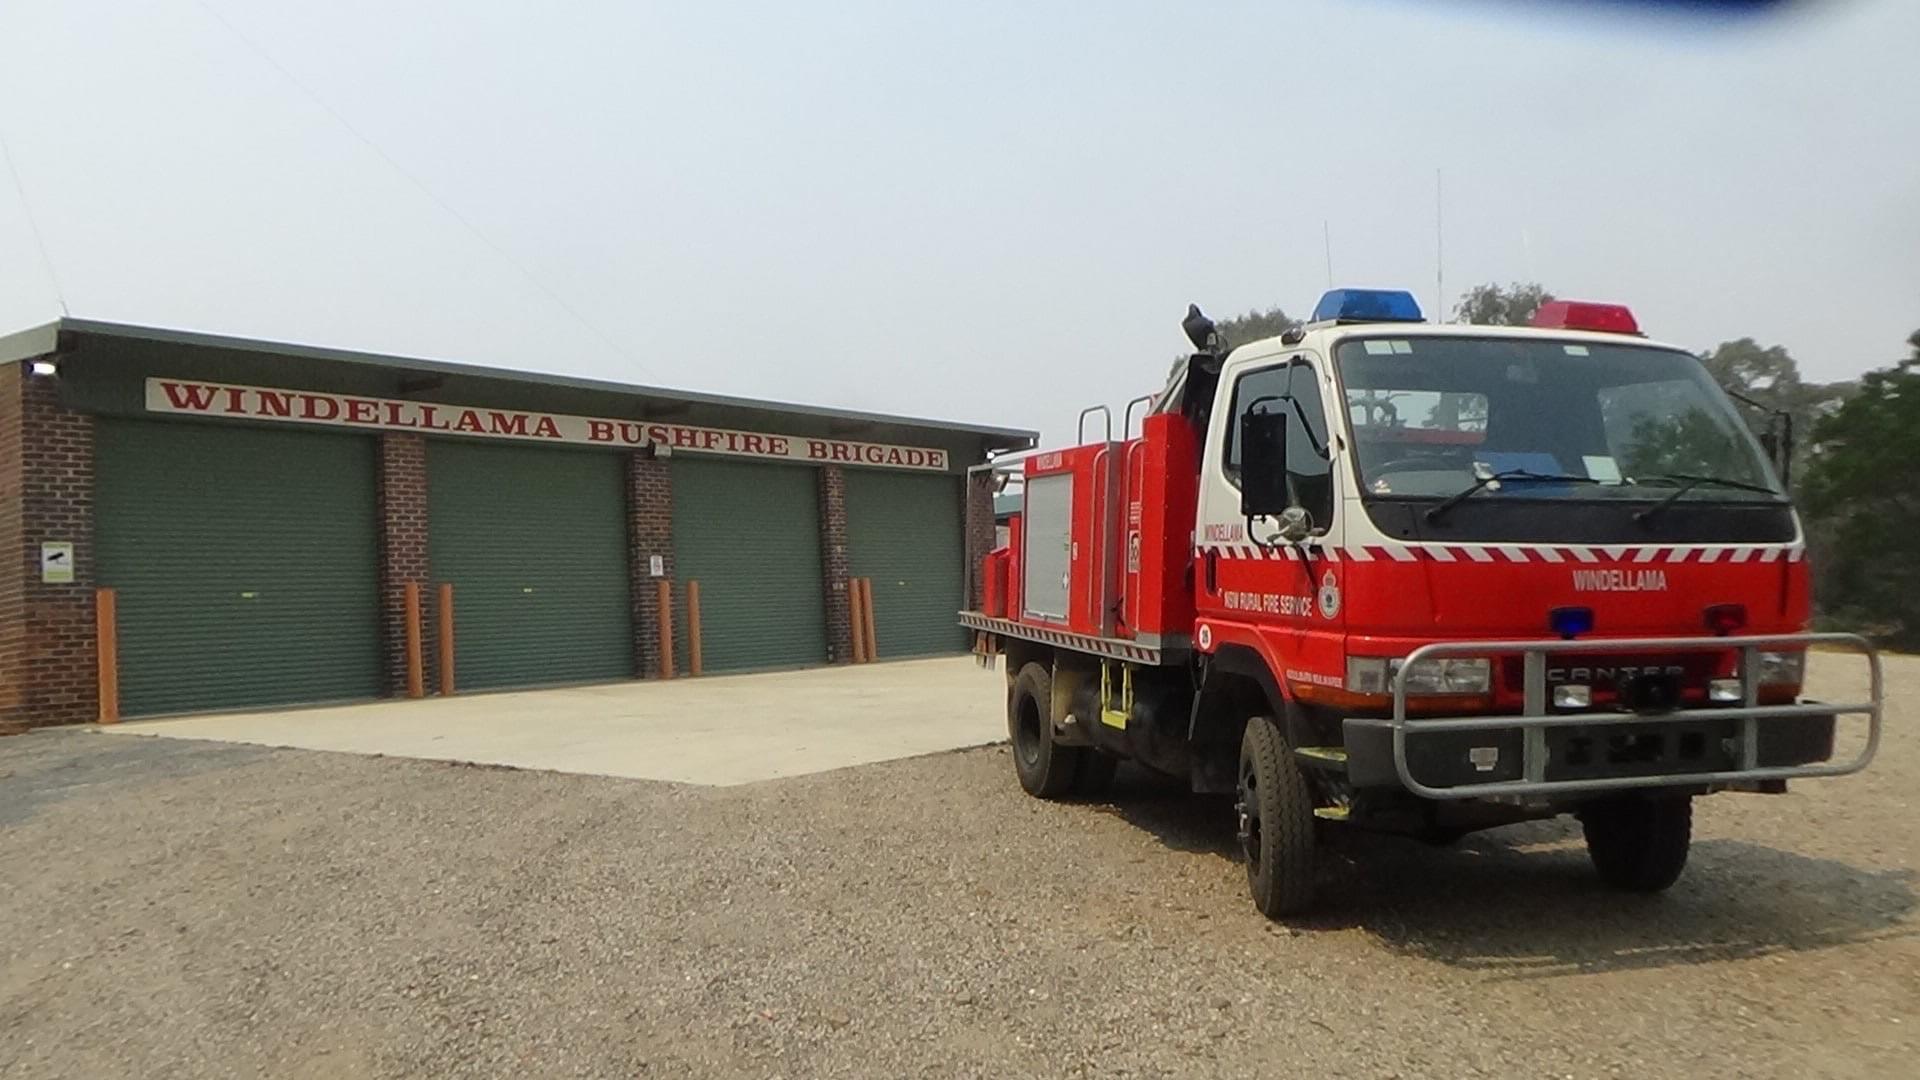 Windellama Rural Fire Brigade